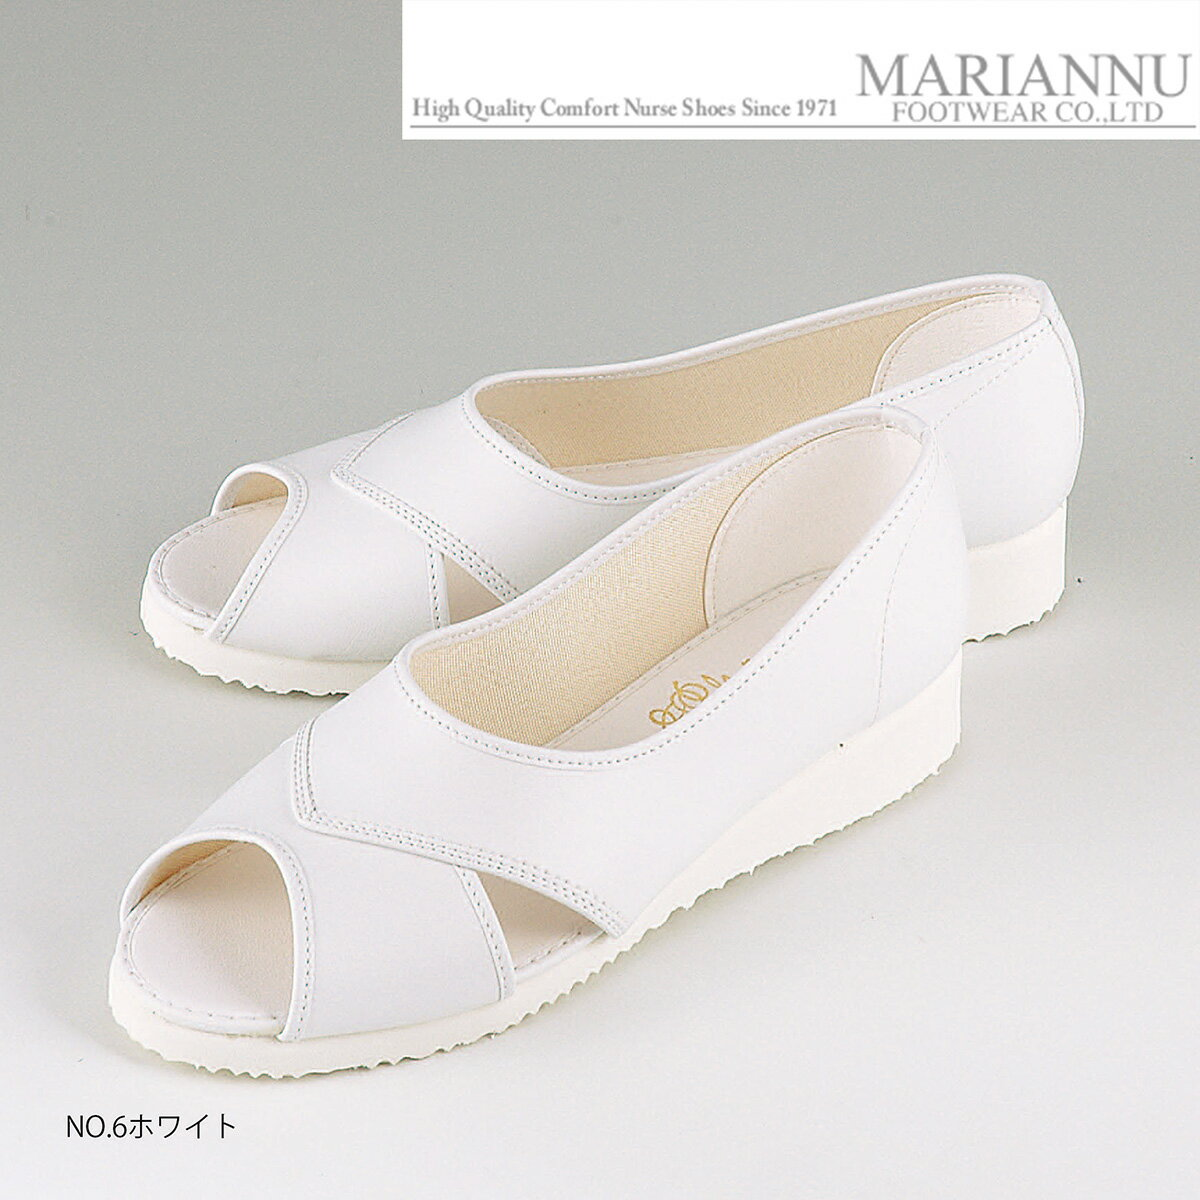 ナースシューズ 白 マリアンヌ レディス オープントゥシューズ NO.6 ホワイト 合成レザー 汚れに強い画像